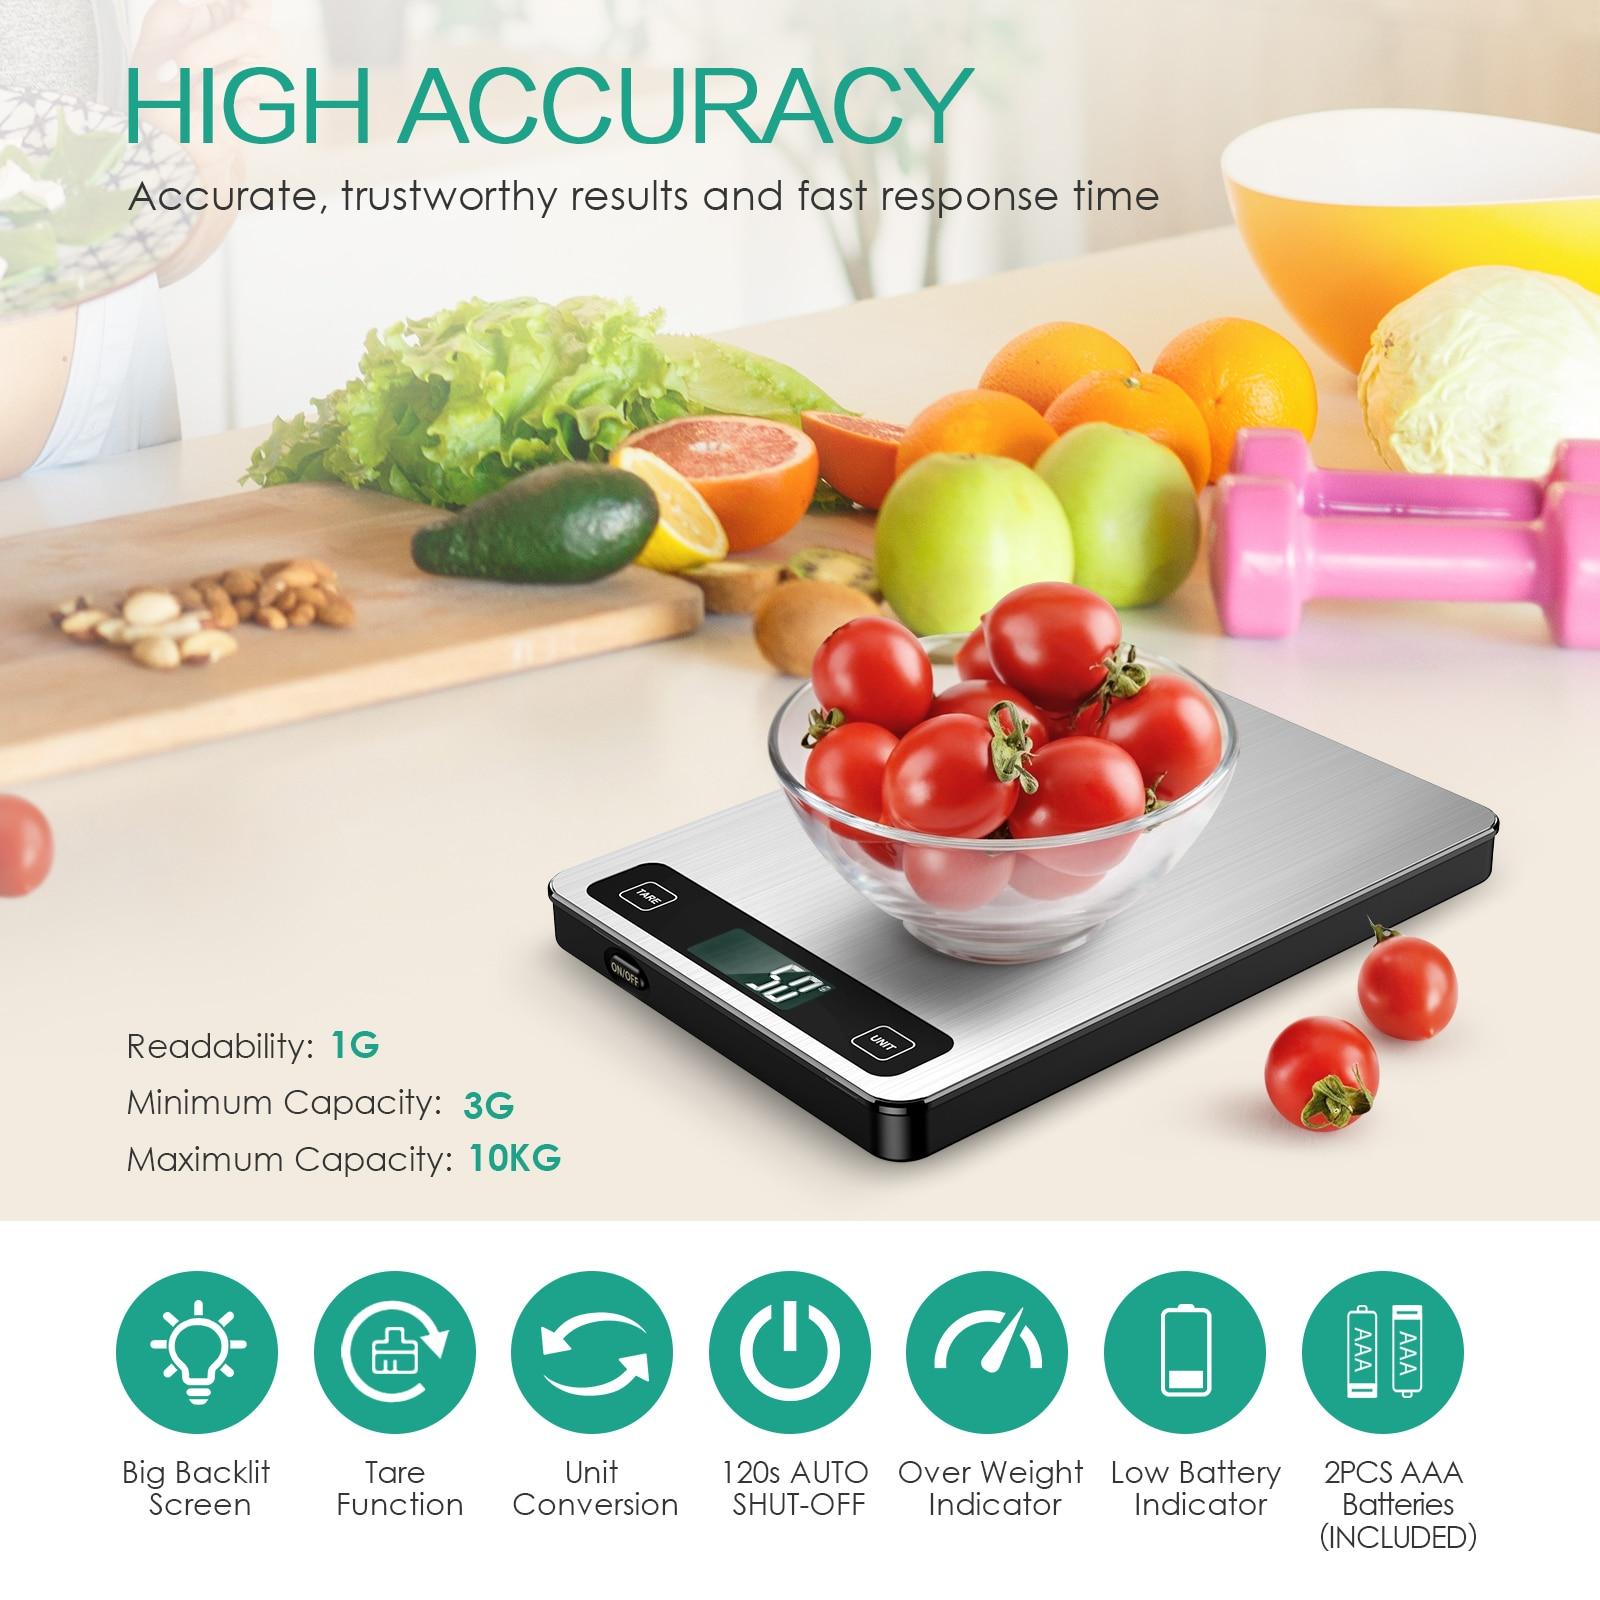 10 كجم/1 جرام المطبخ مقياس الفولاذ المقاوم للصدأ مقياس ميزان الغذاء النظام الغذائي البريدي التوازن قياس LCD ميزان إلكتروني